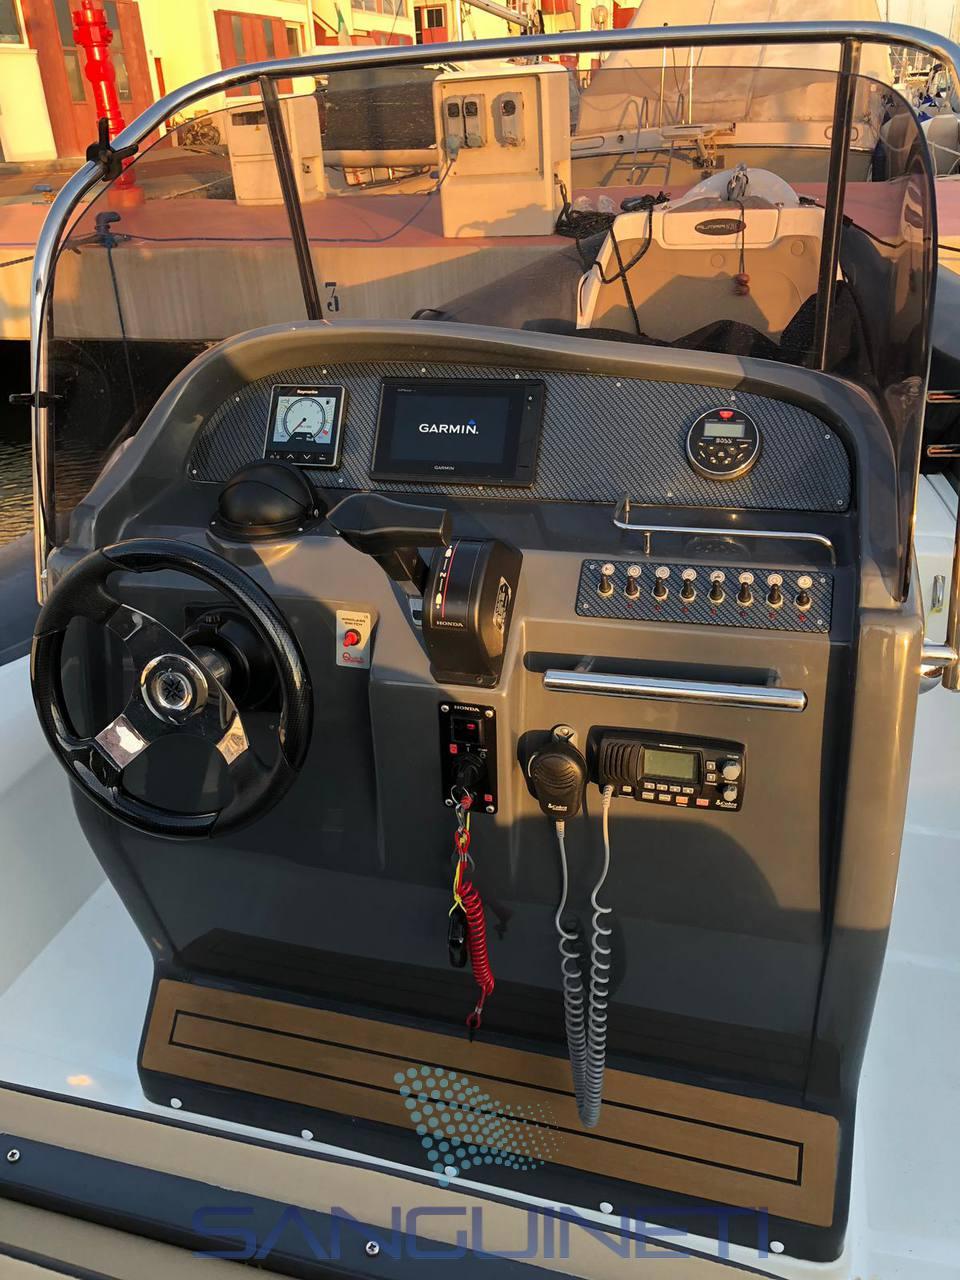 ALMARINE 820s used